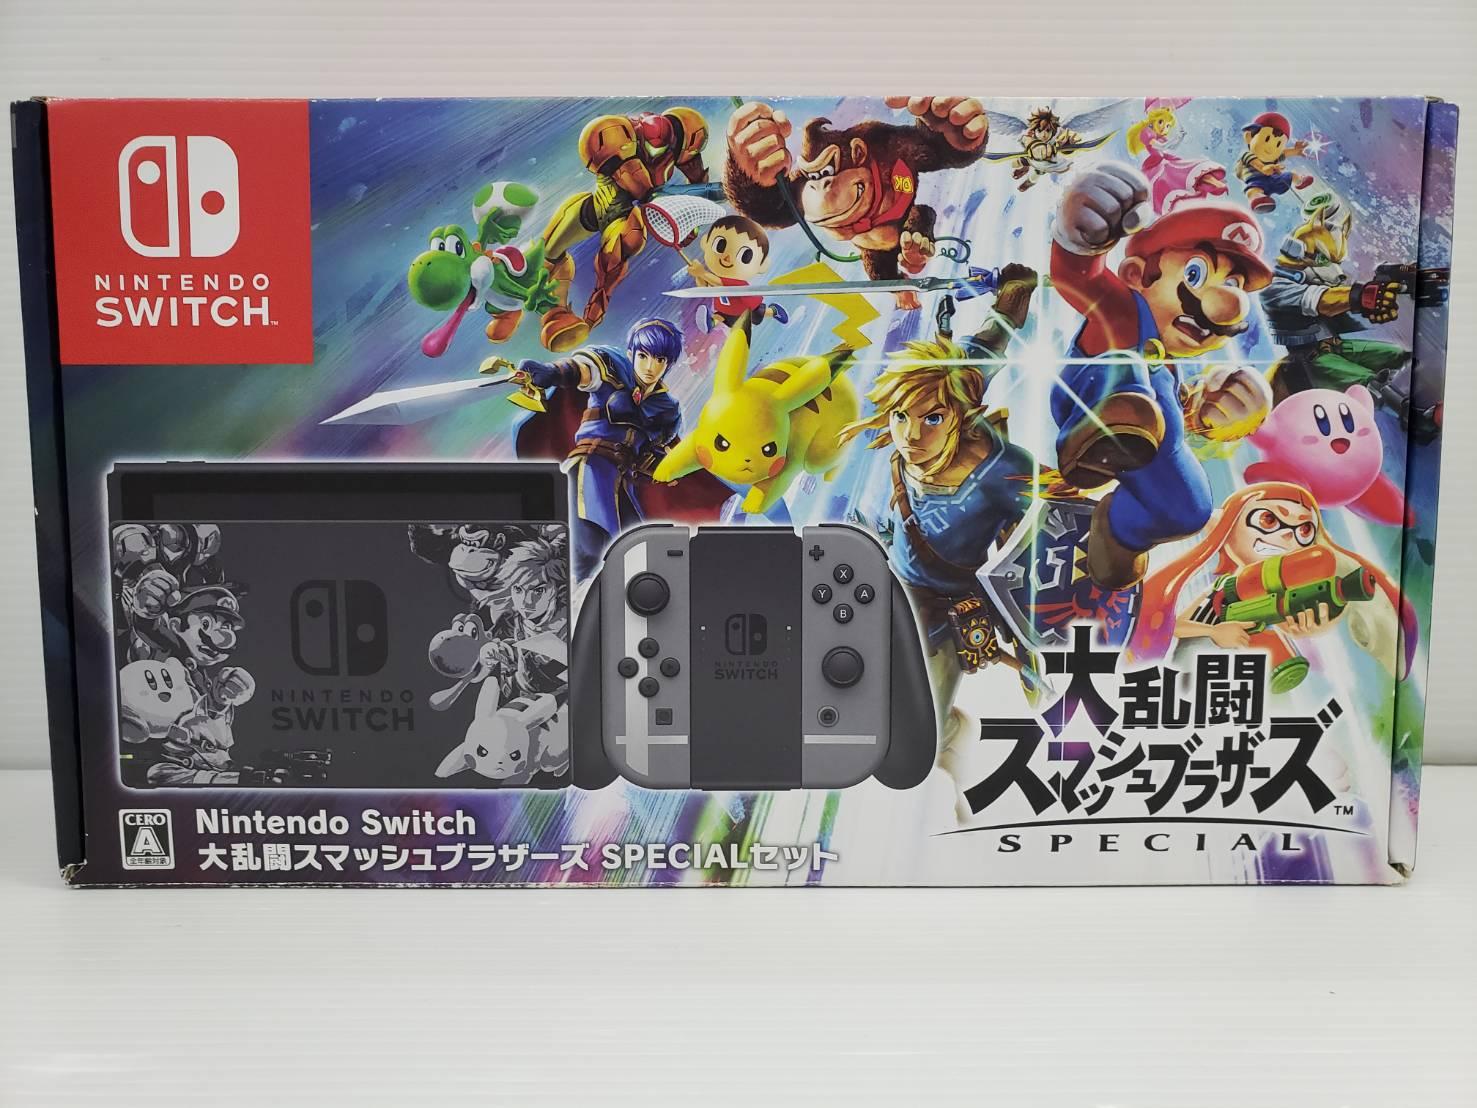 任天堂 / Nintendo SWITCH / スイッチ / 大乱闘スマッシュブラザーズ SPECIALセット 買取致しました!の買取-